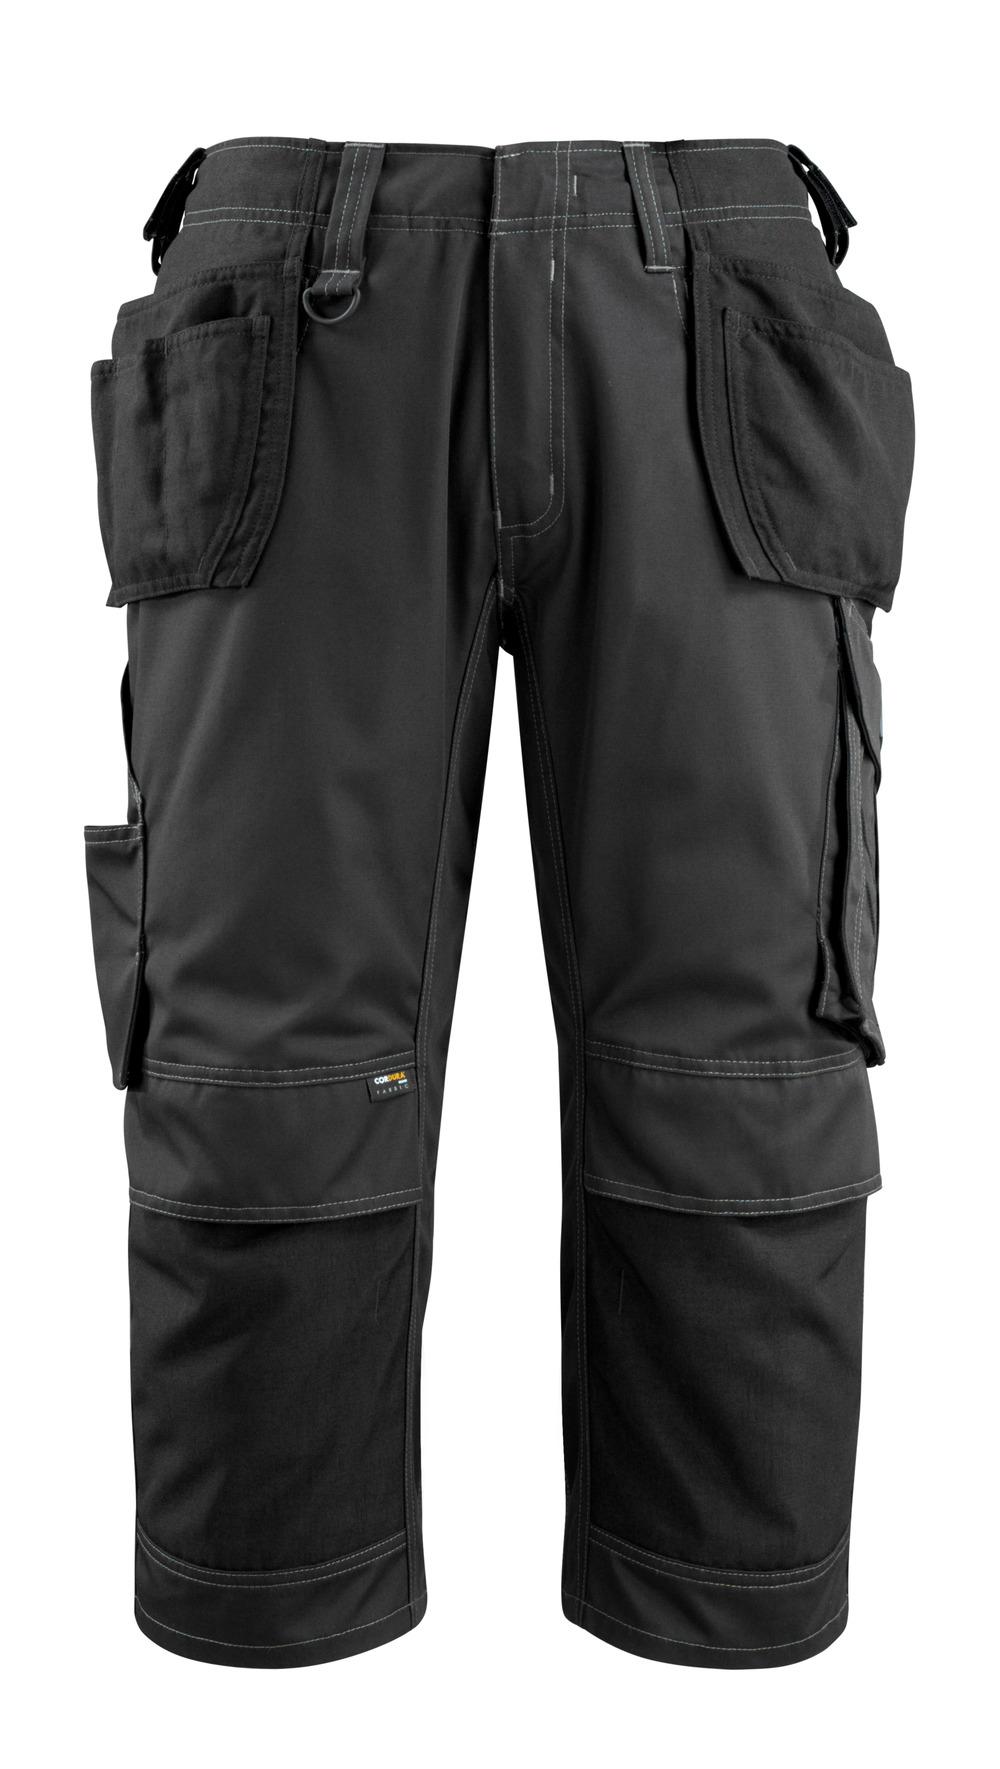 14449-442-09 Driekwart broek met knie- en spijkerzakken - zwart